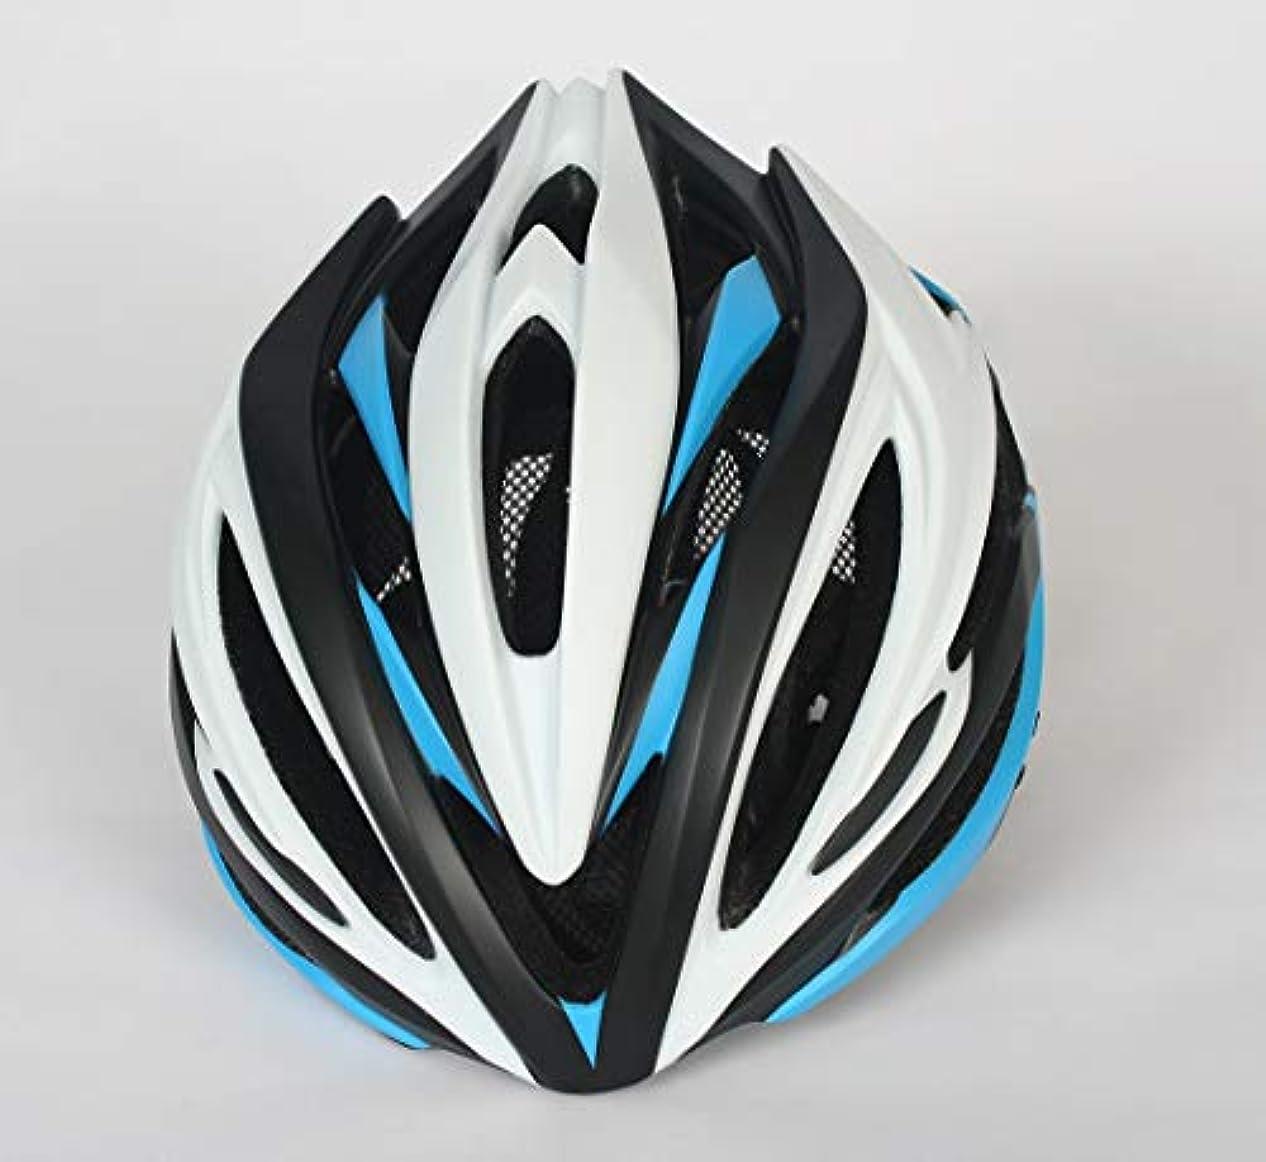 ロープ義務づけるかどうかETH 自転車用ヘルメット乗馬用ヘルメットマウンテンバイク用ヘルメットスポーツ屋外用乗車用ヘルメット保護安全快適通気性ホワイト/ブラック/ブルー 保護